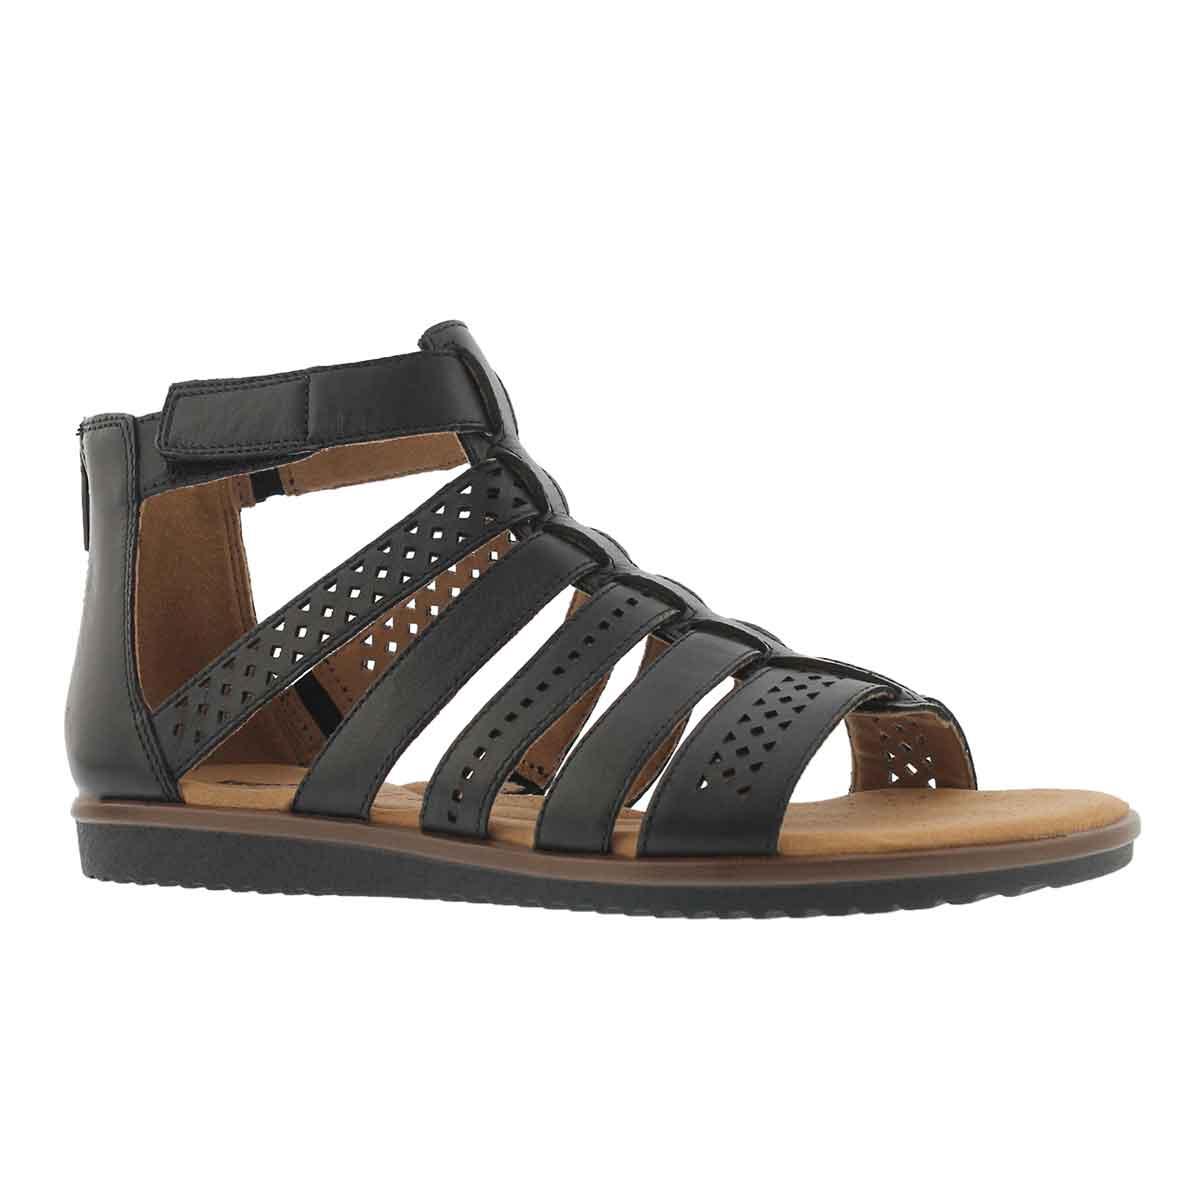 948ac180e Clarks Women s KELE LOTUS black casual sandal